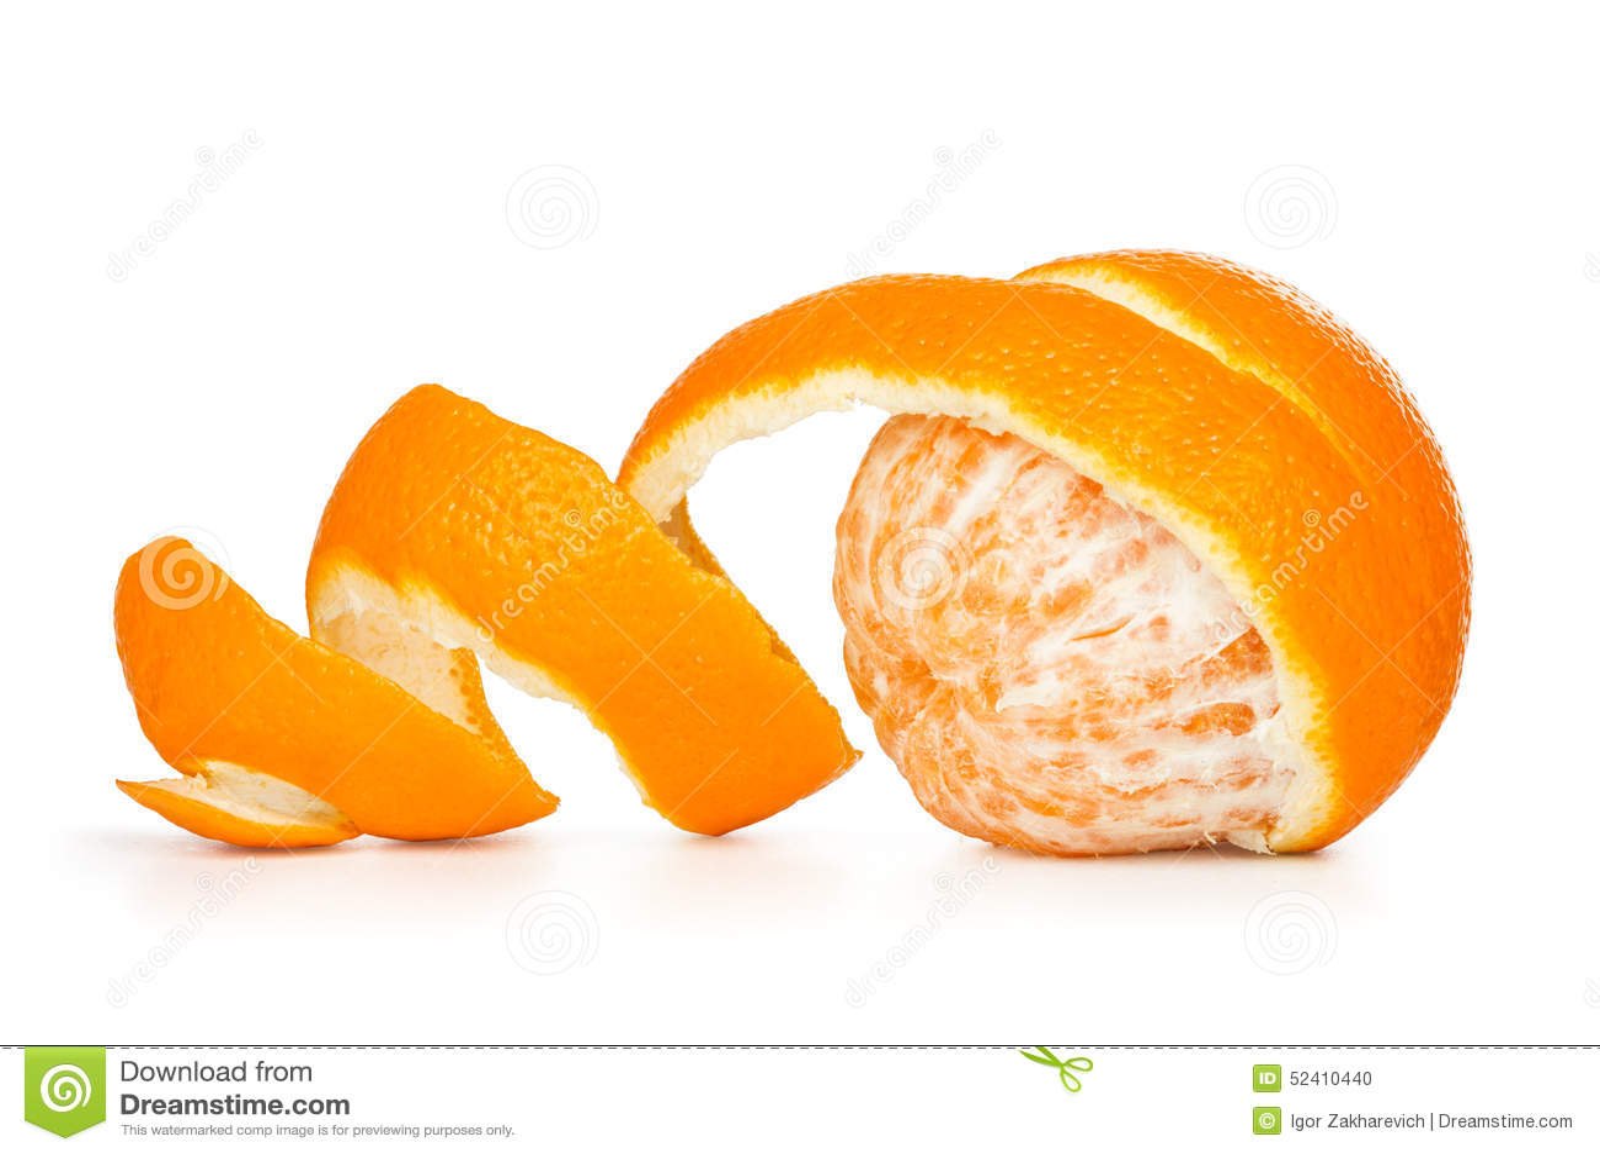 Pomarańcze obrana skóra